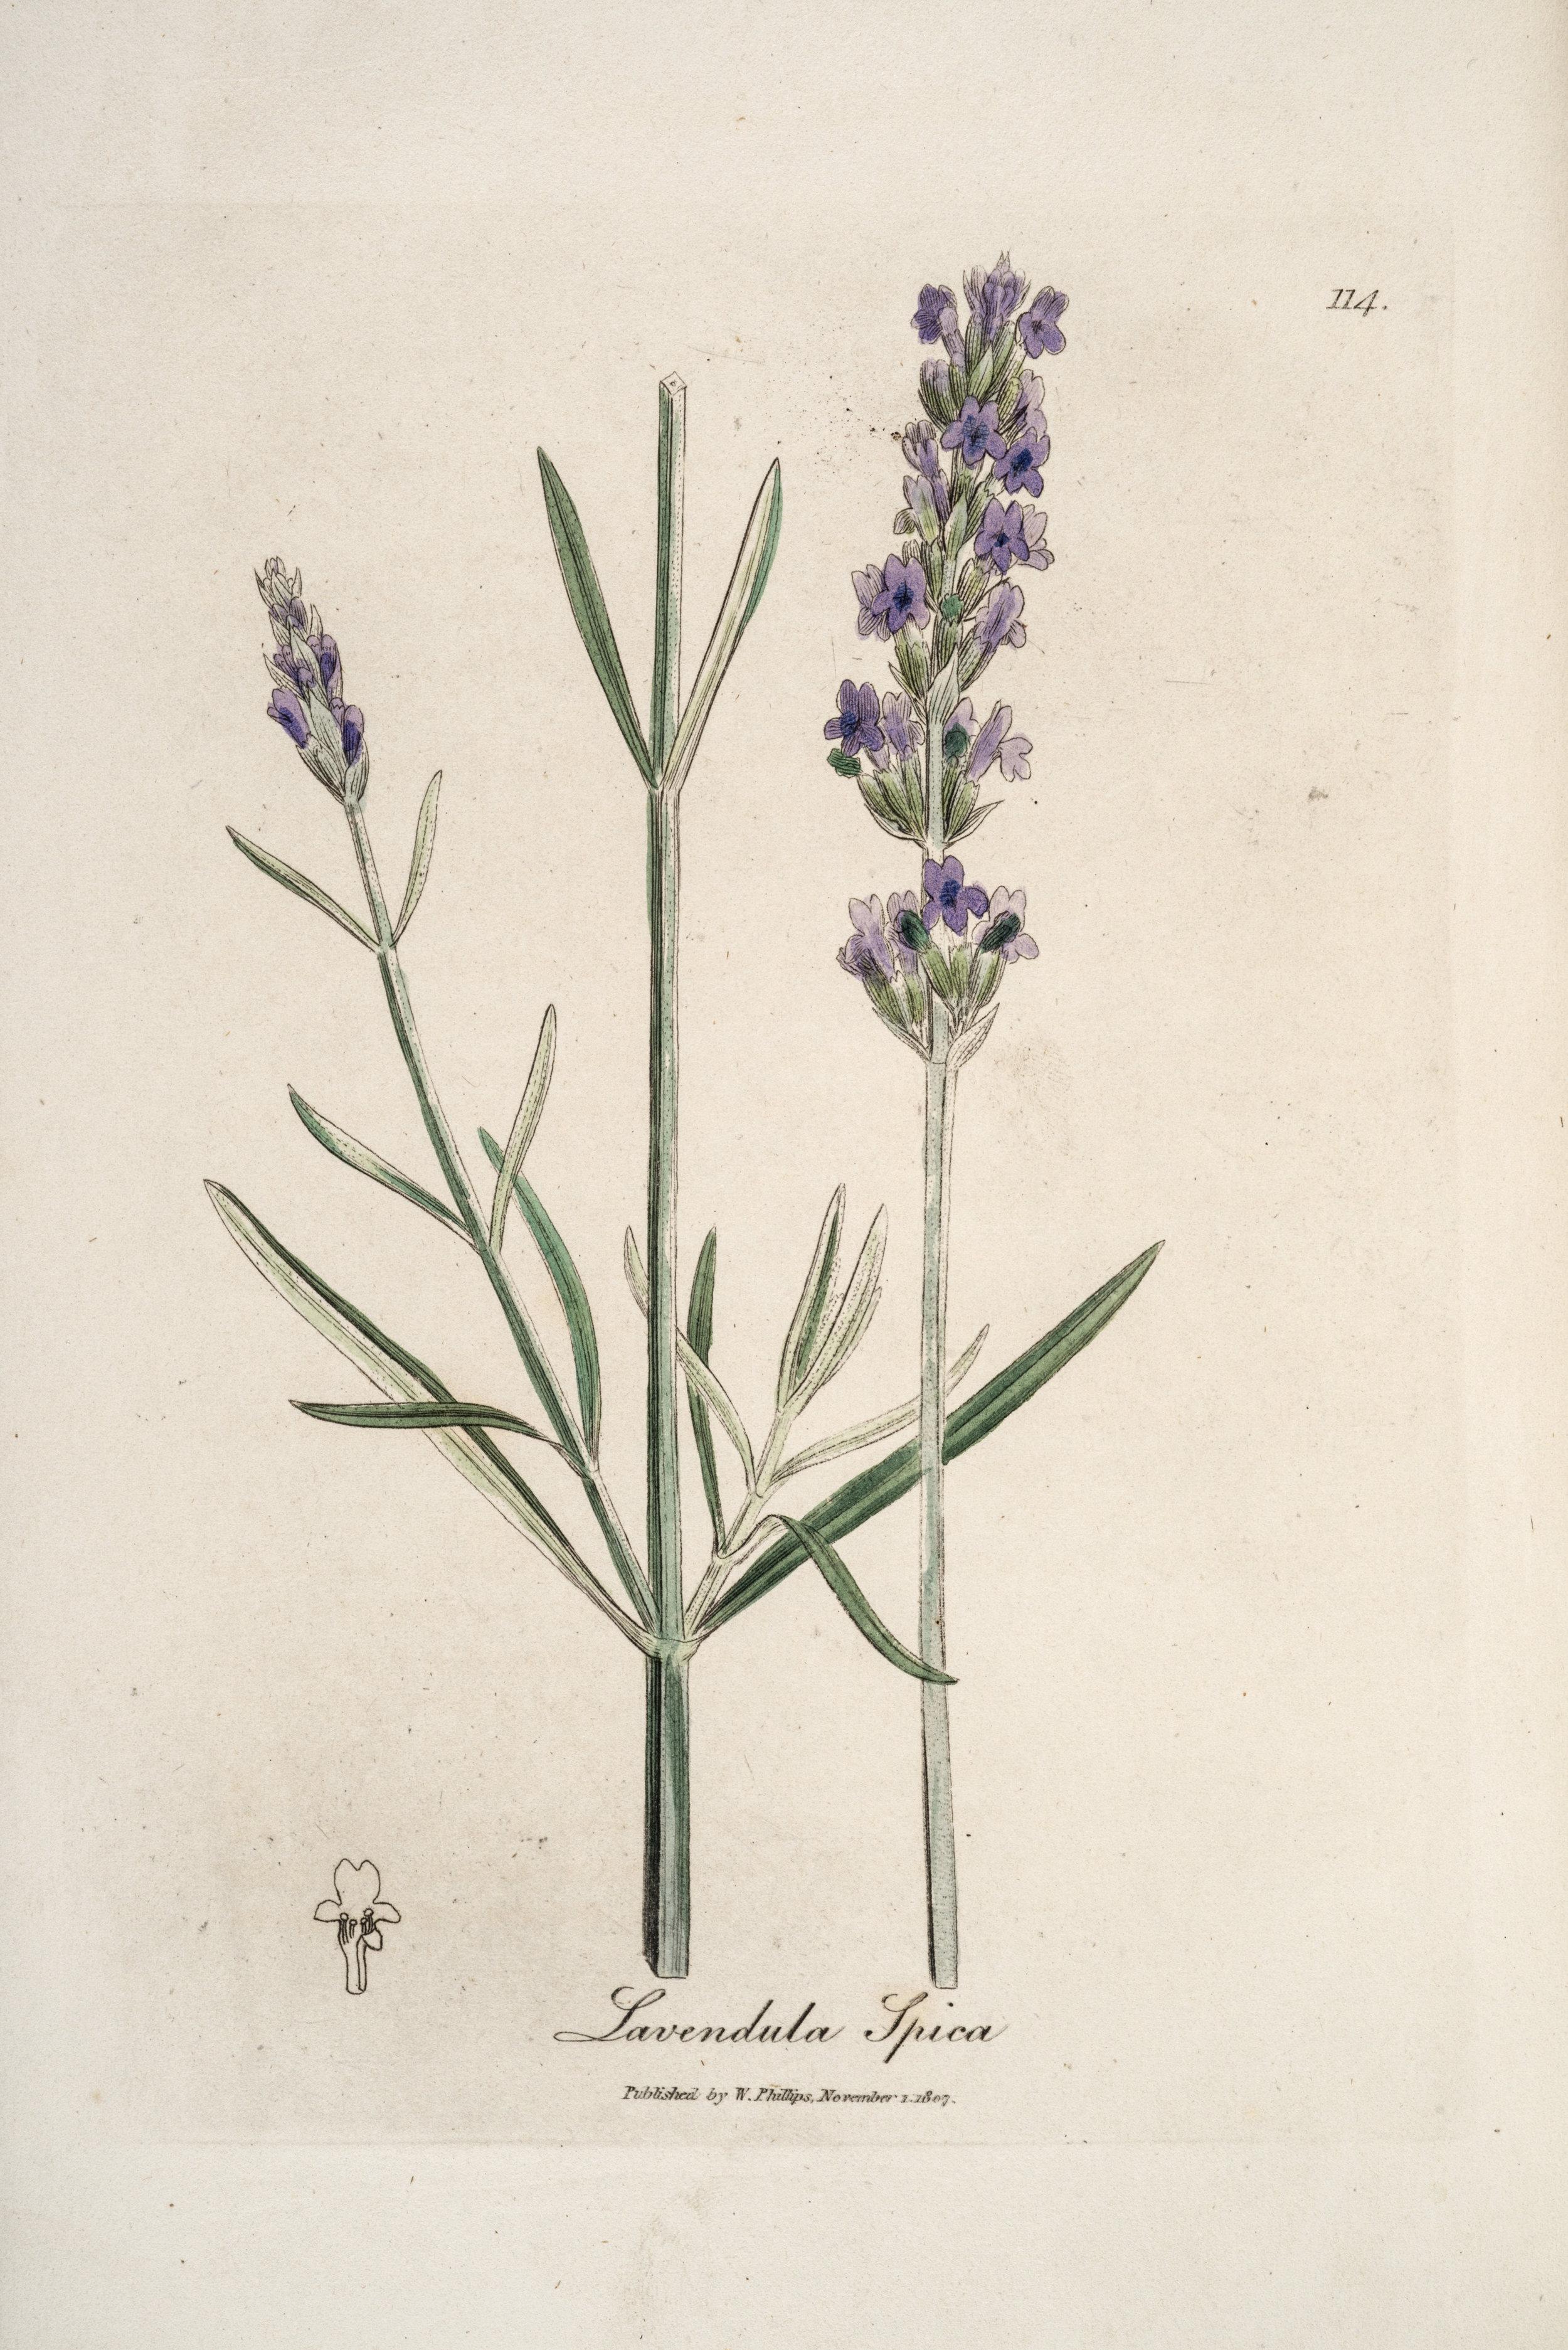 Lavender (Lavendula spica); Woodville's Medical Botany, 3rd Ed. (1832)